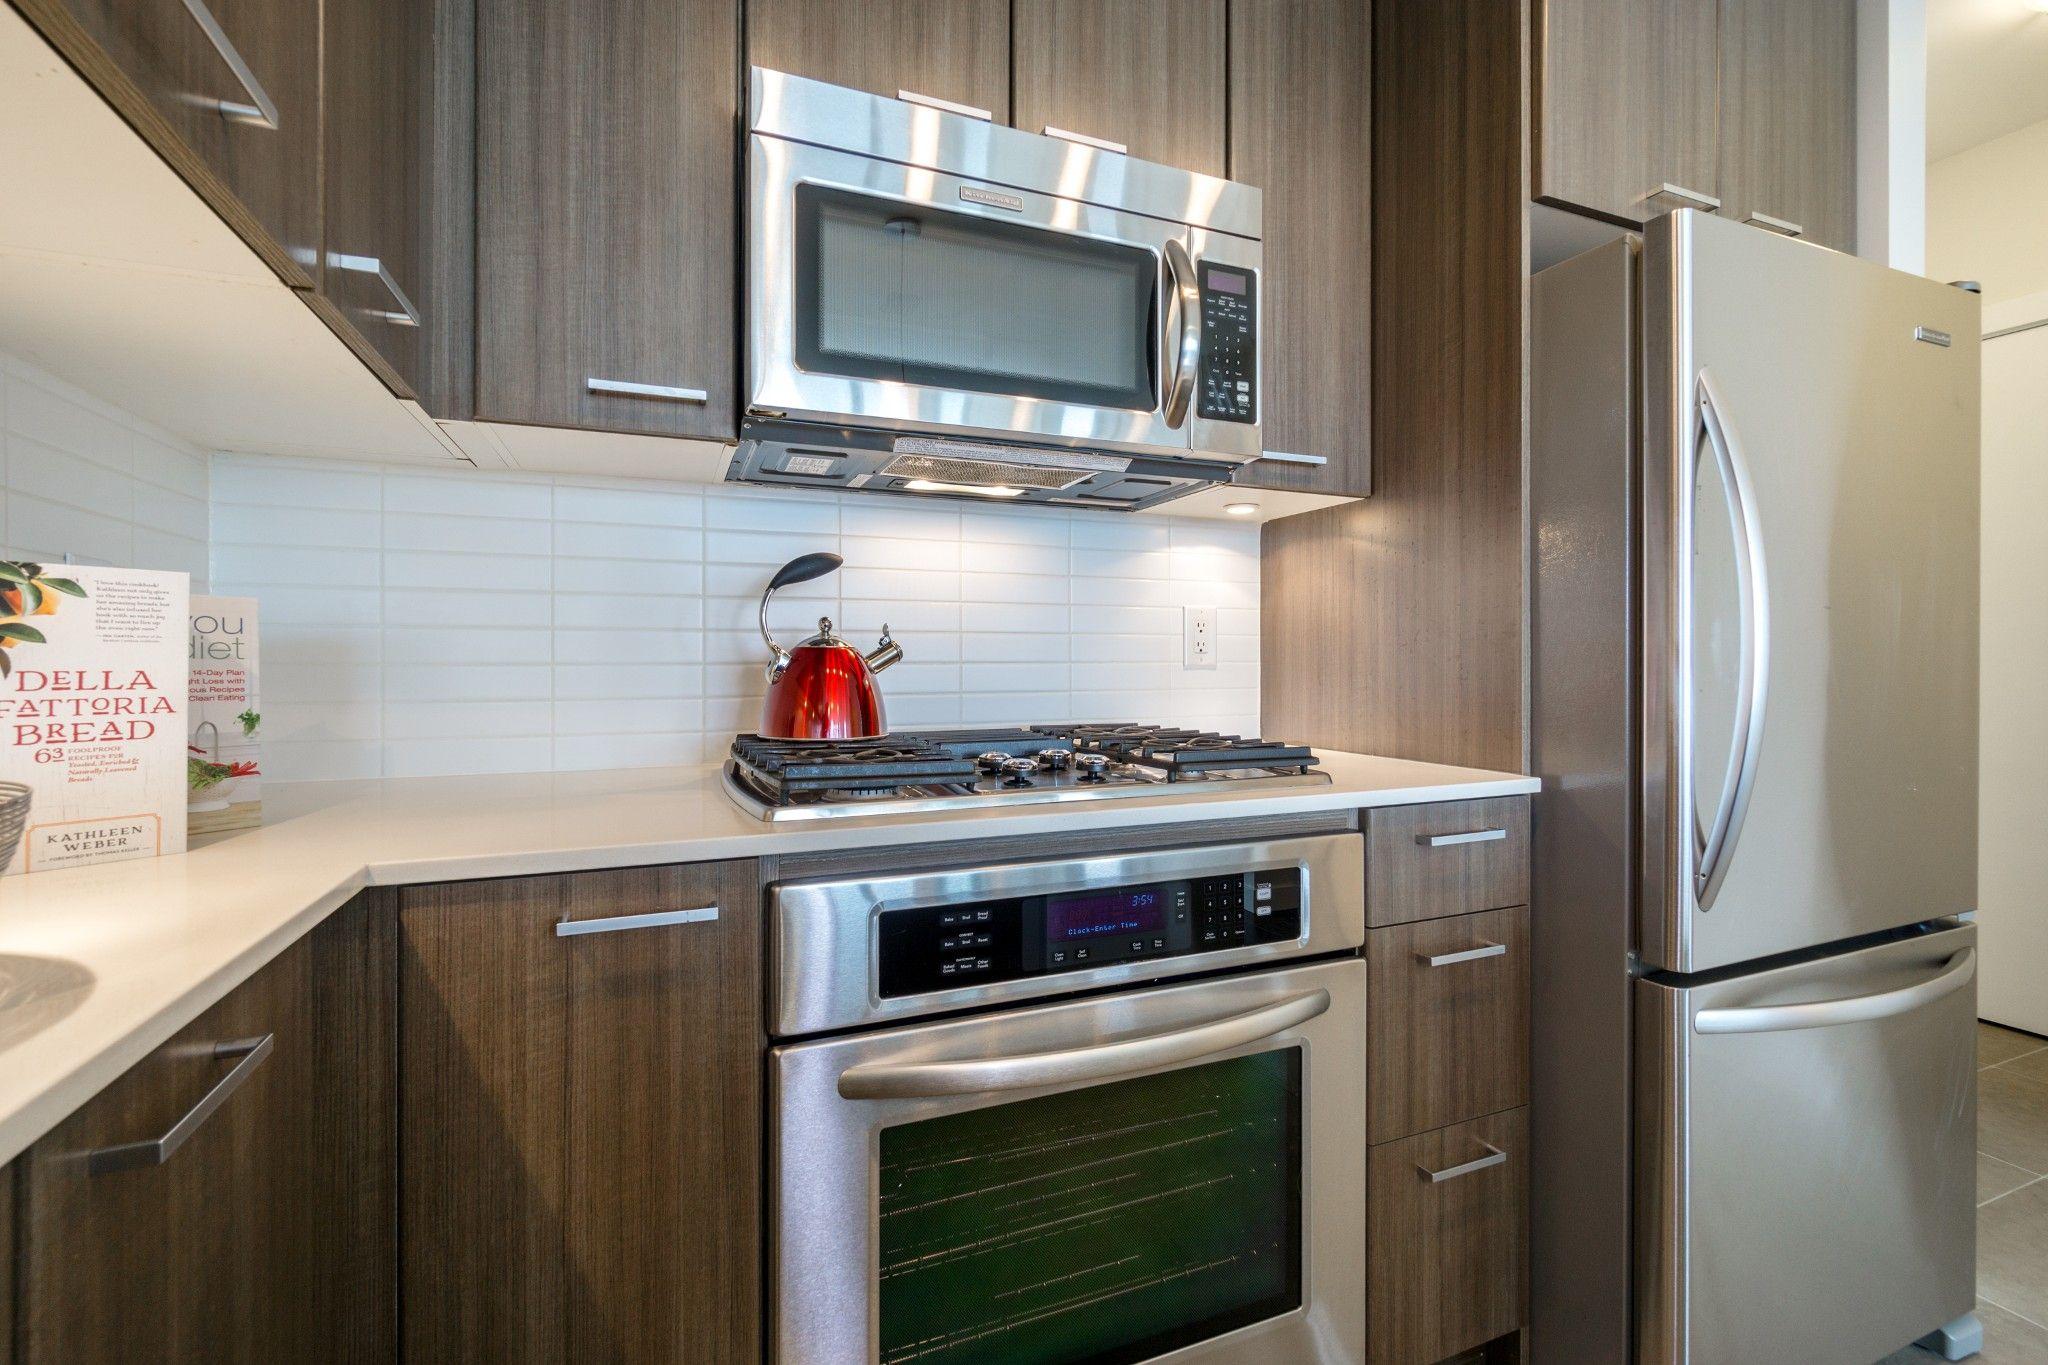 """Photo 7: Photos: 2906 2955 ATLANTIC Avenue in Coquitlam: North Coquitlam Condo for sale in """"OASIS"""" : MLS®# R2274297"""